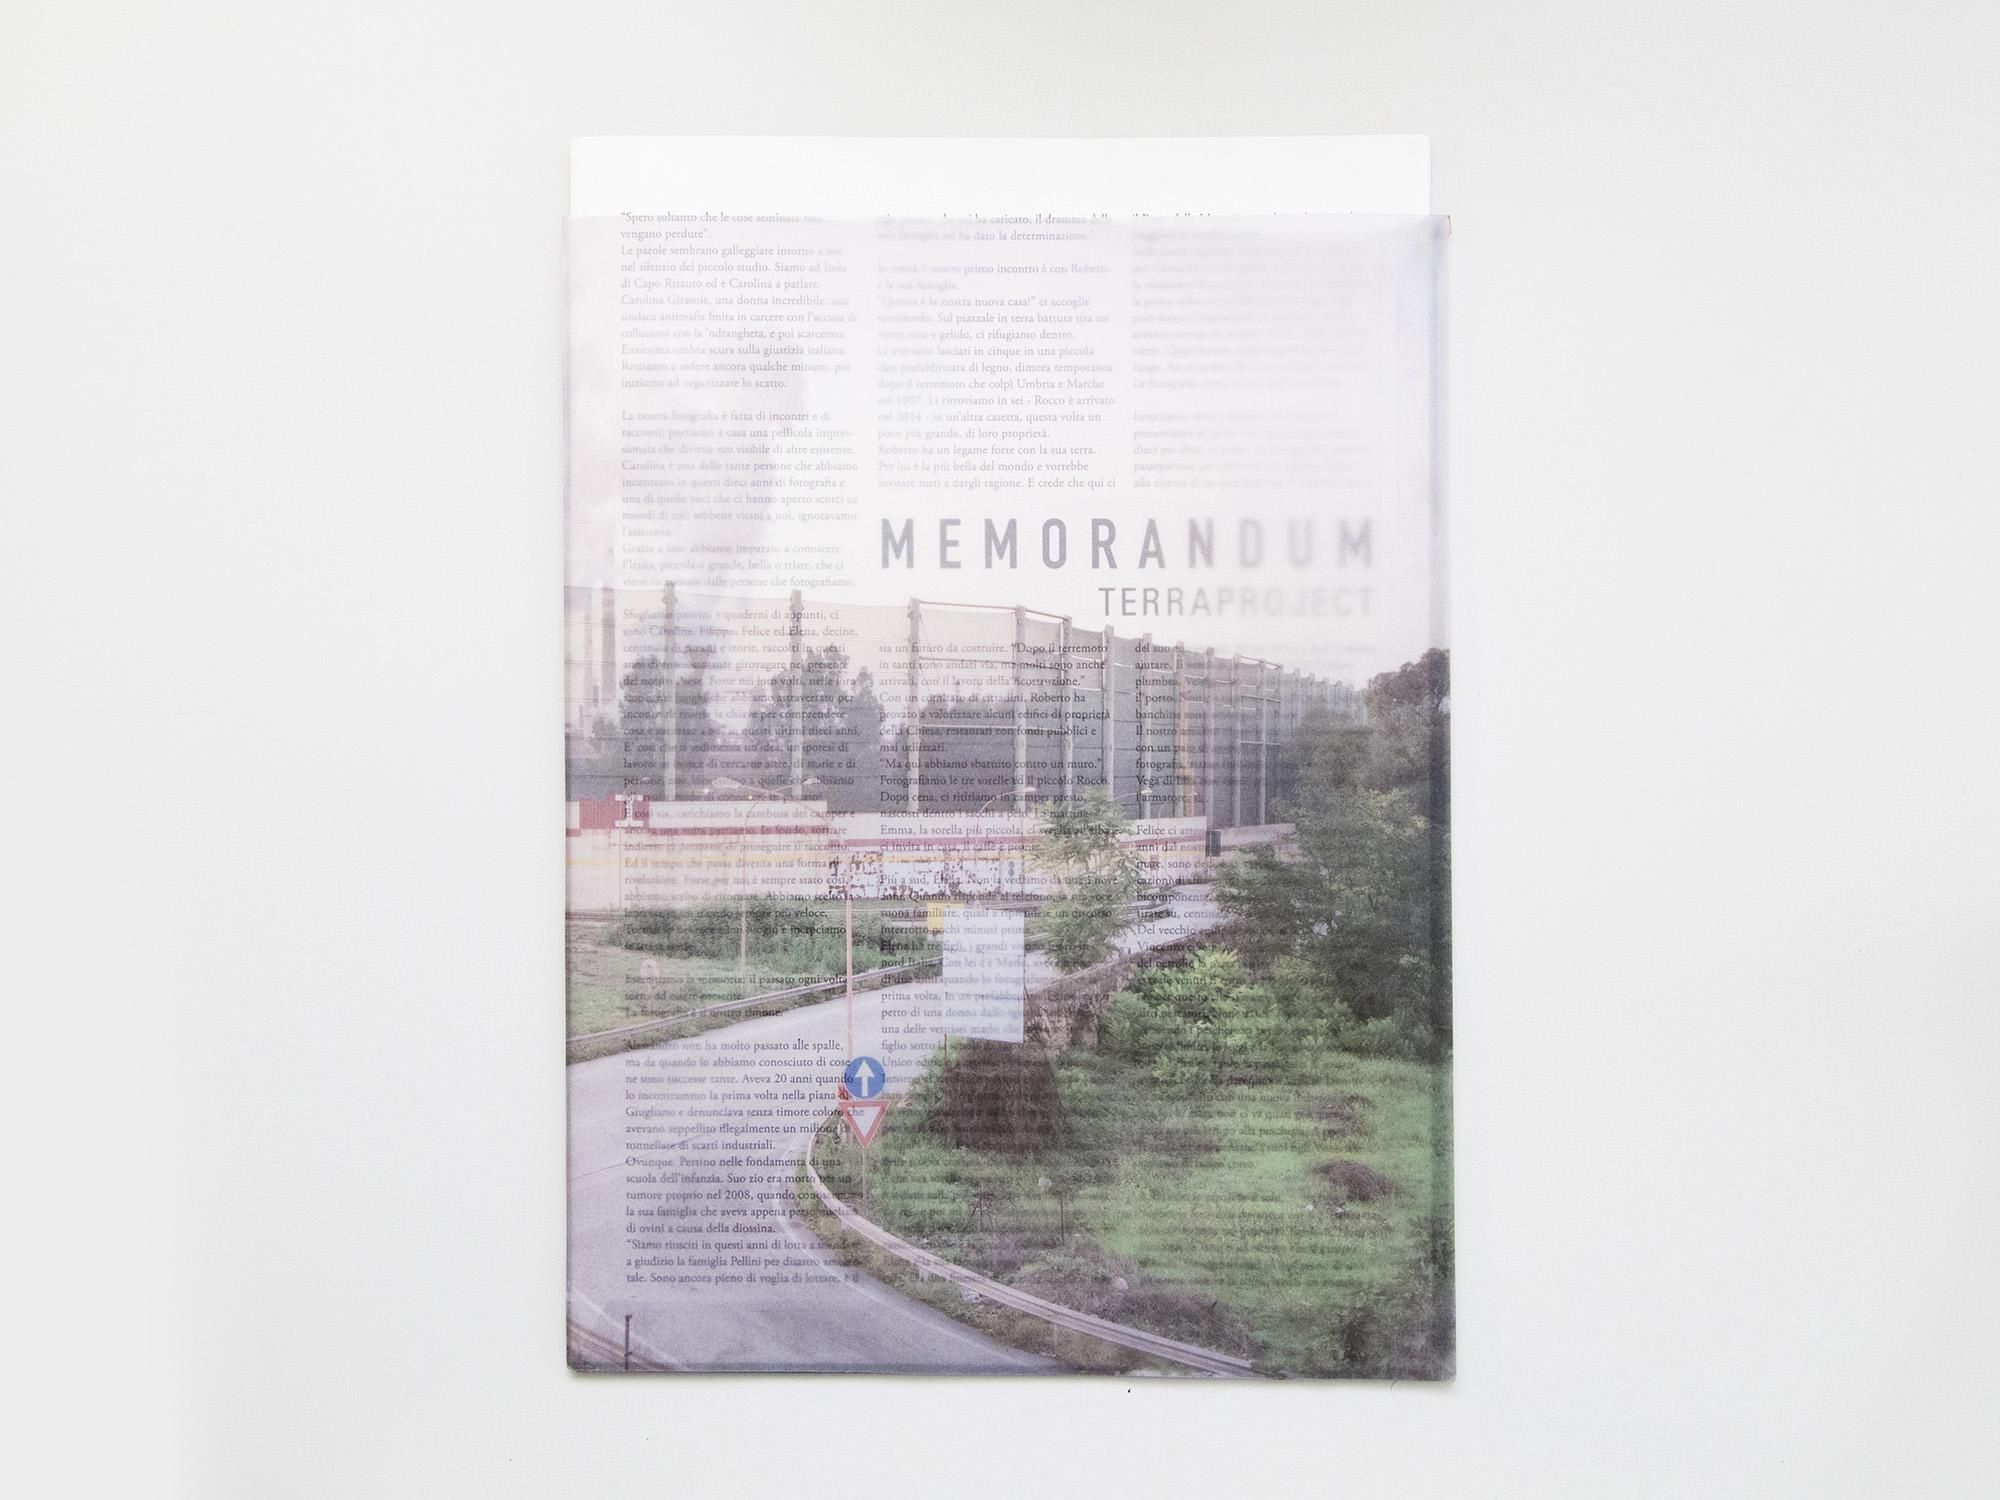 Memorandum © TerraProject